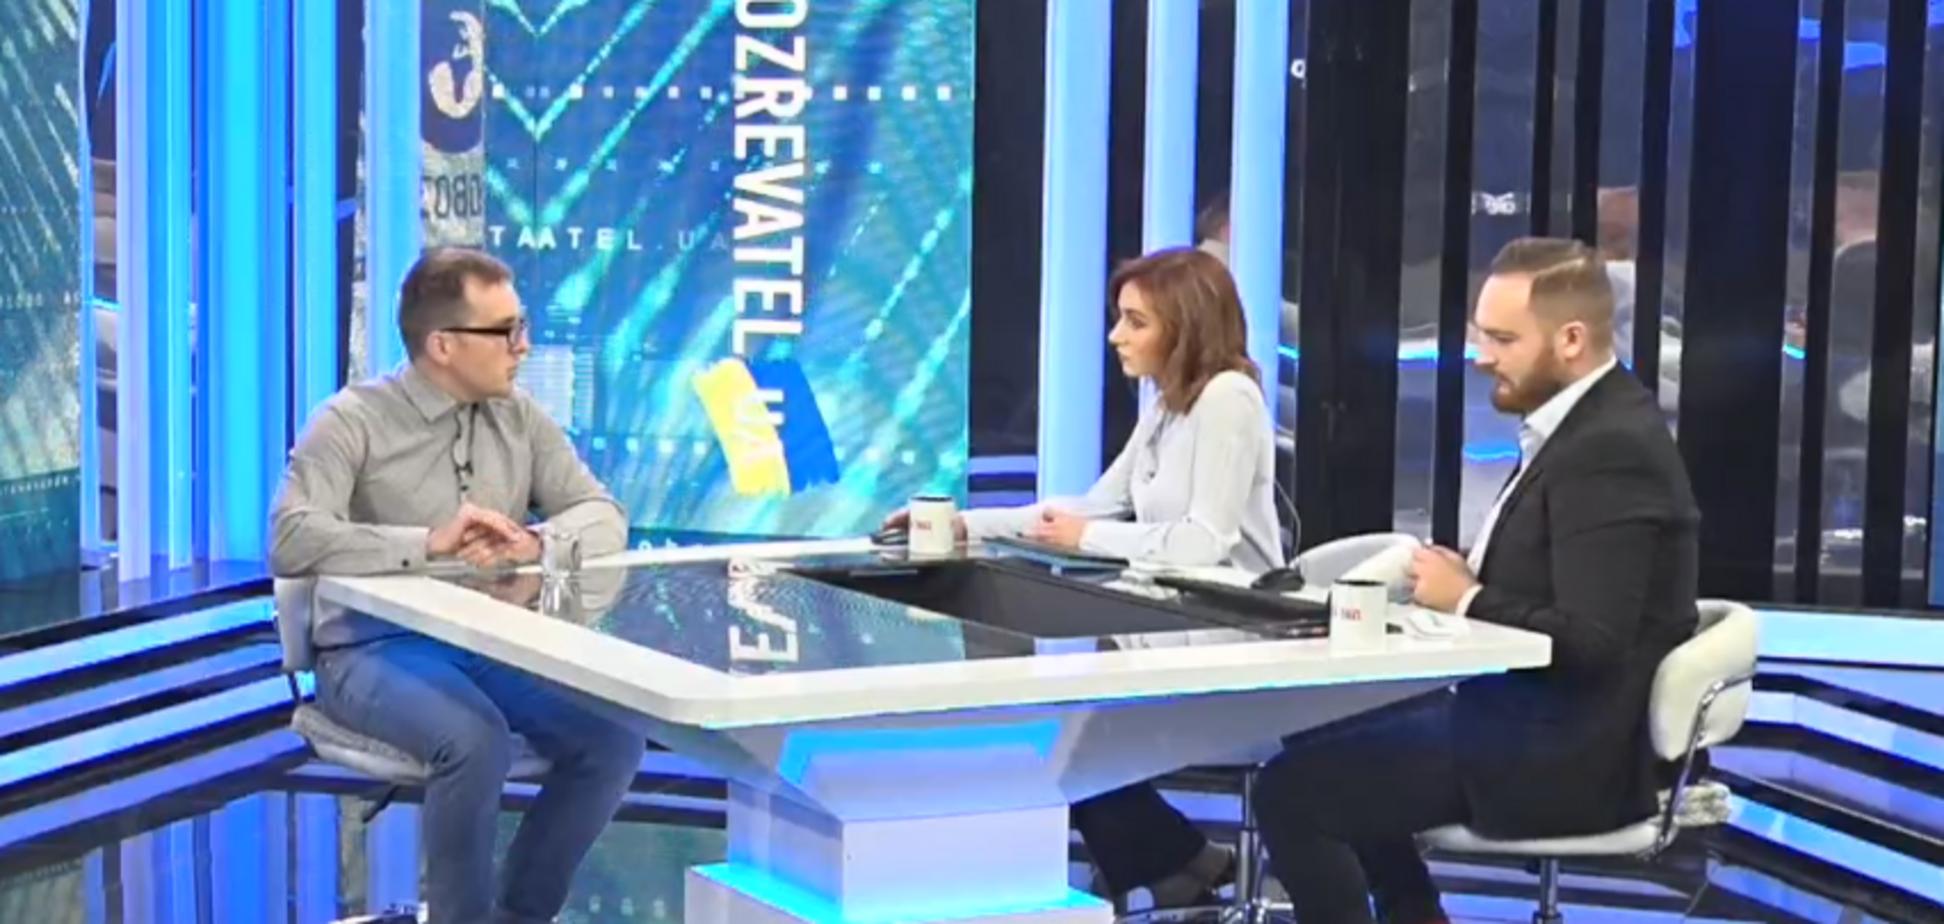 Без уверенности в завтрашнем дне – юрист объяснил, почему Украине не подходит ''китайский путь''